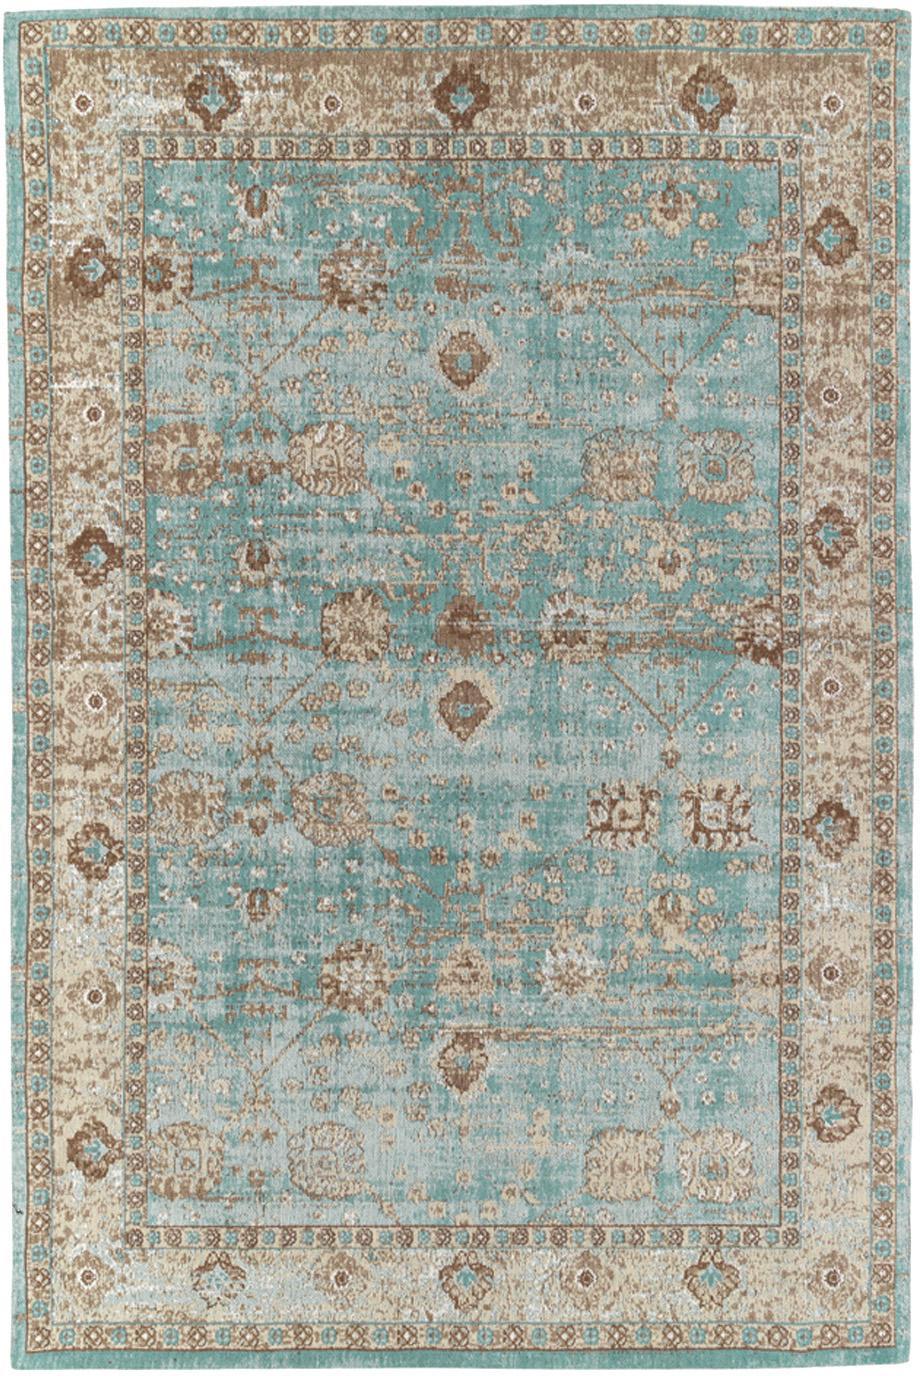 Vintage Chenilleteppich Rimini in Türkis-Braun, handgewebt, Flor: 95% Baumwolle, 5% Polyest, Türkis, Taupe, Braun, B 160 x L 230 cm (Größe M)